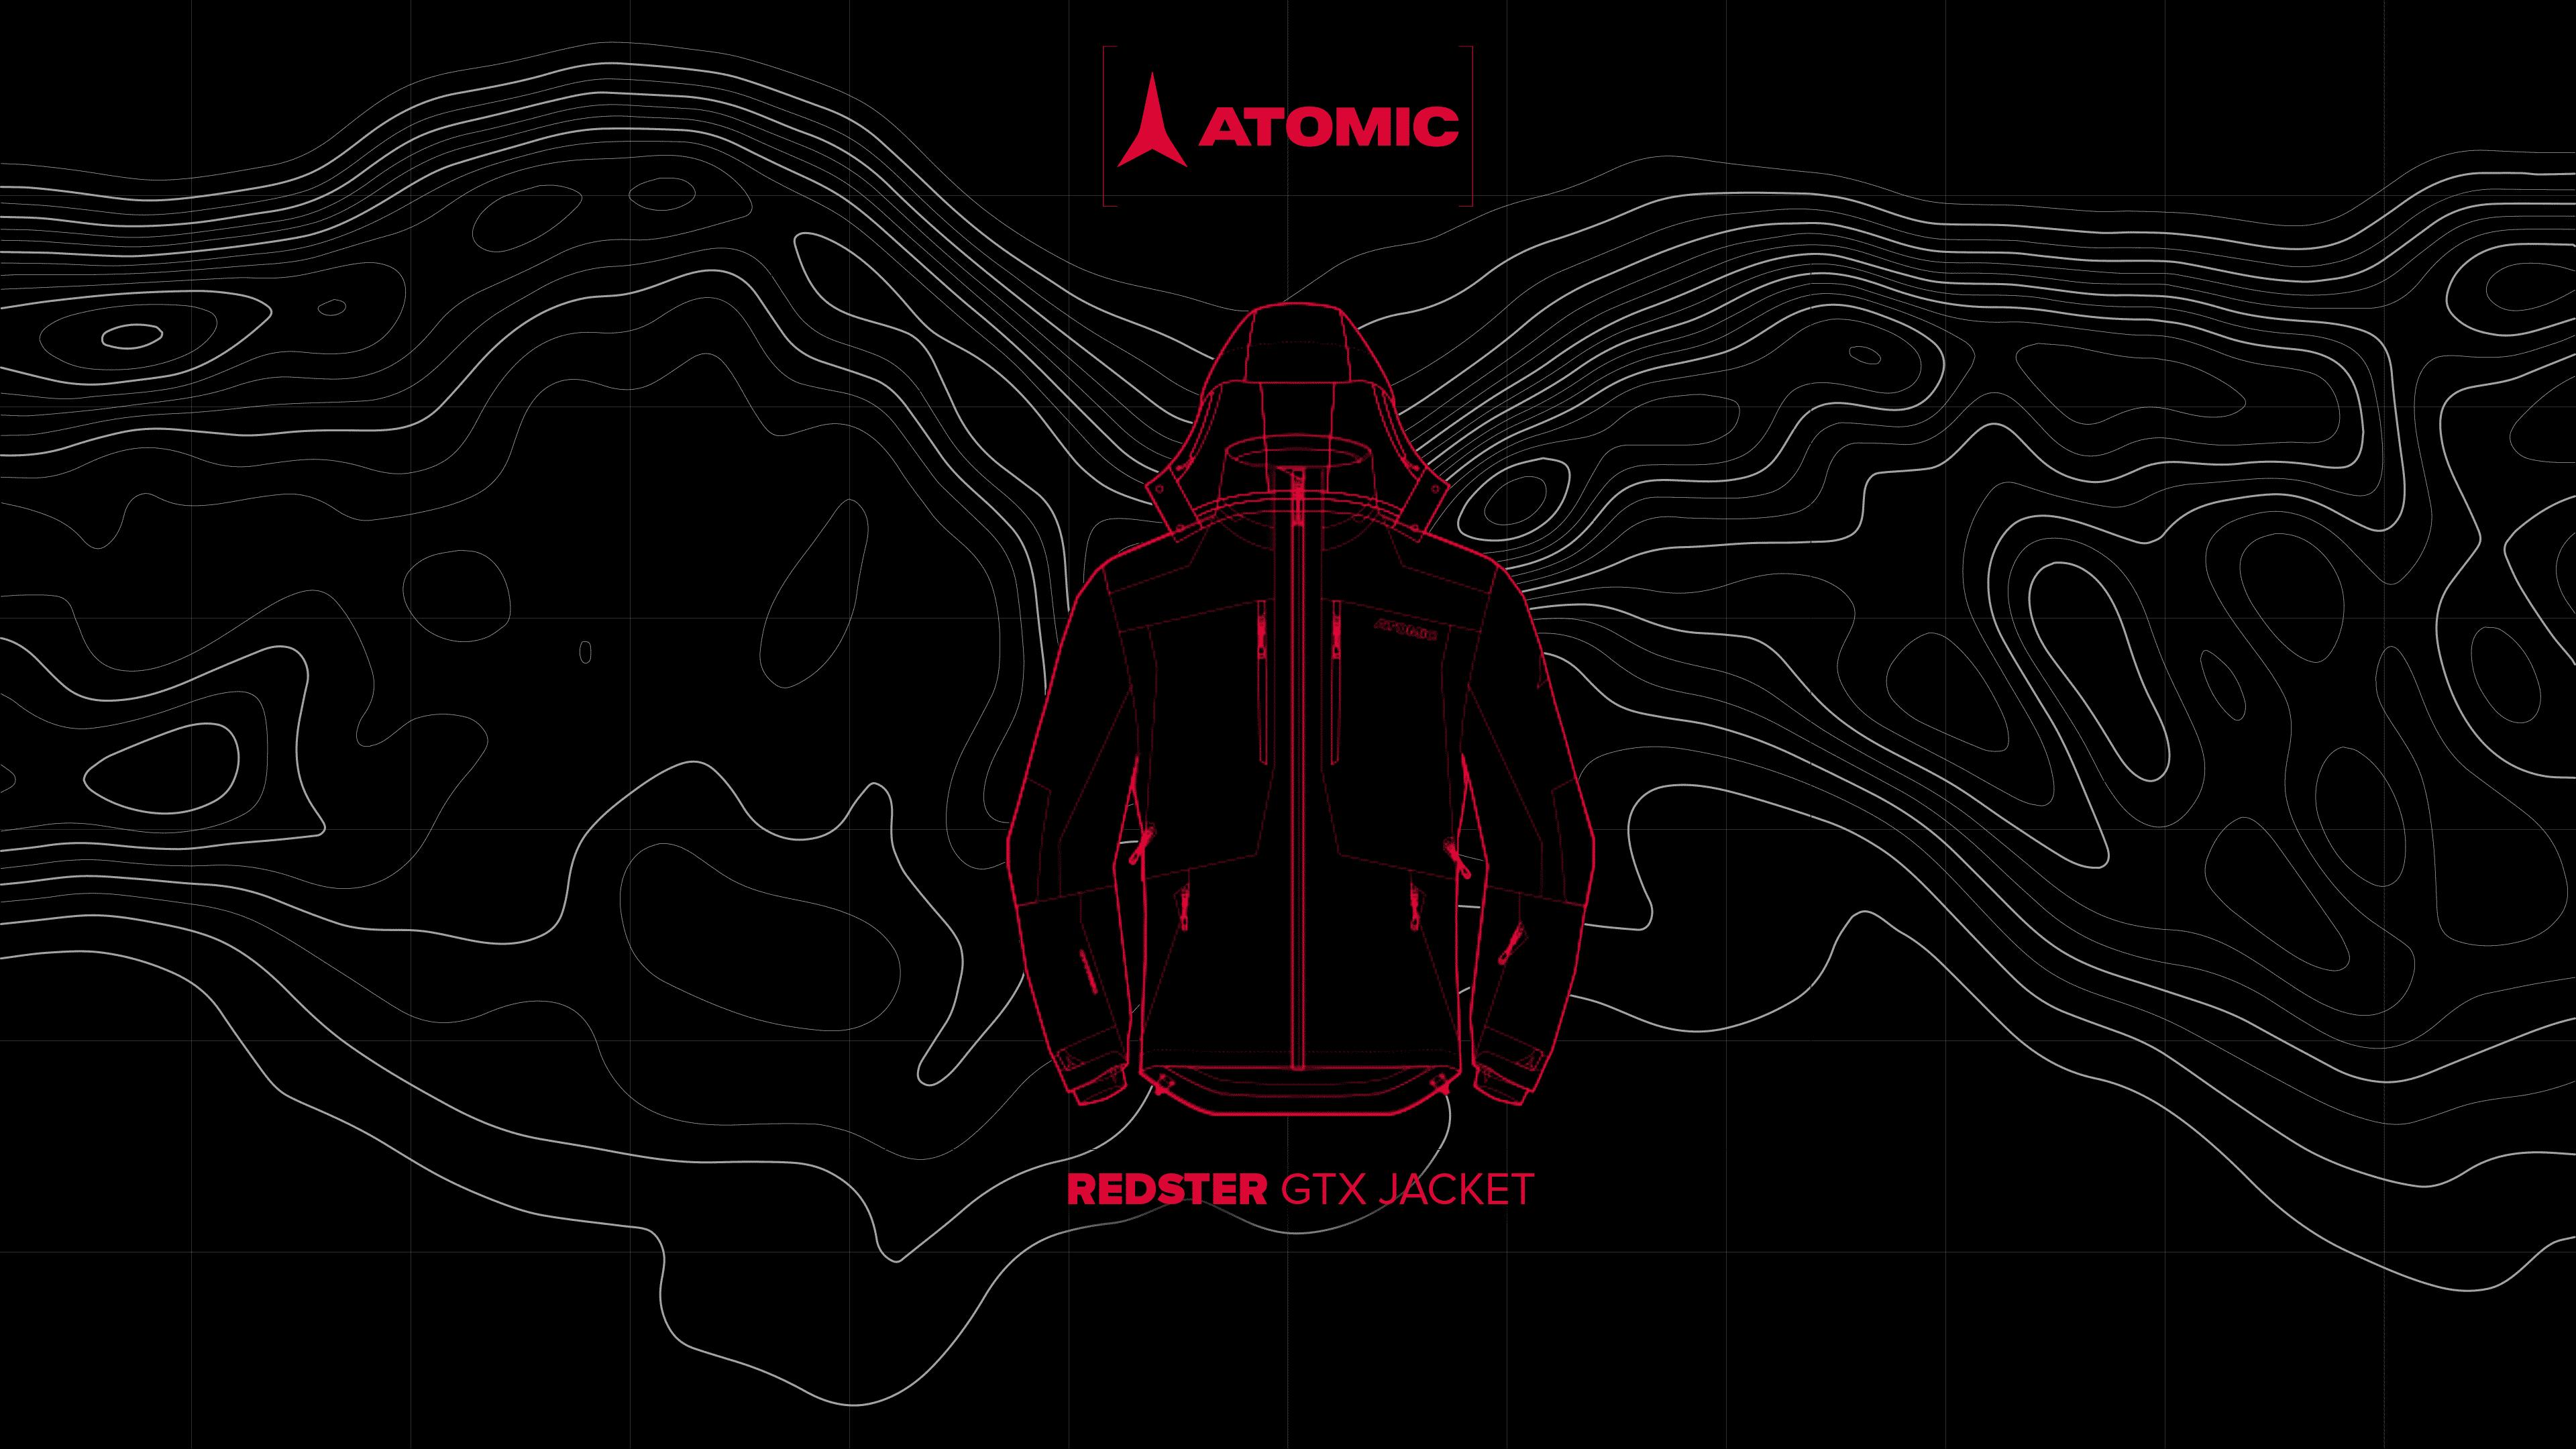 ATOMIC-product-jacket